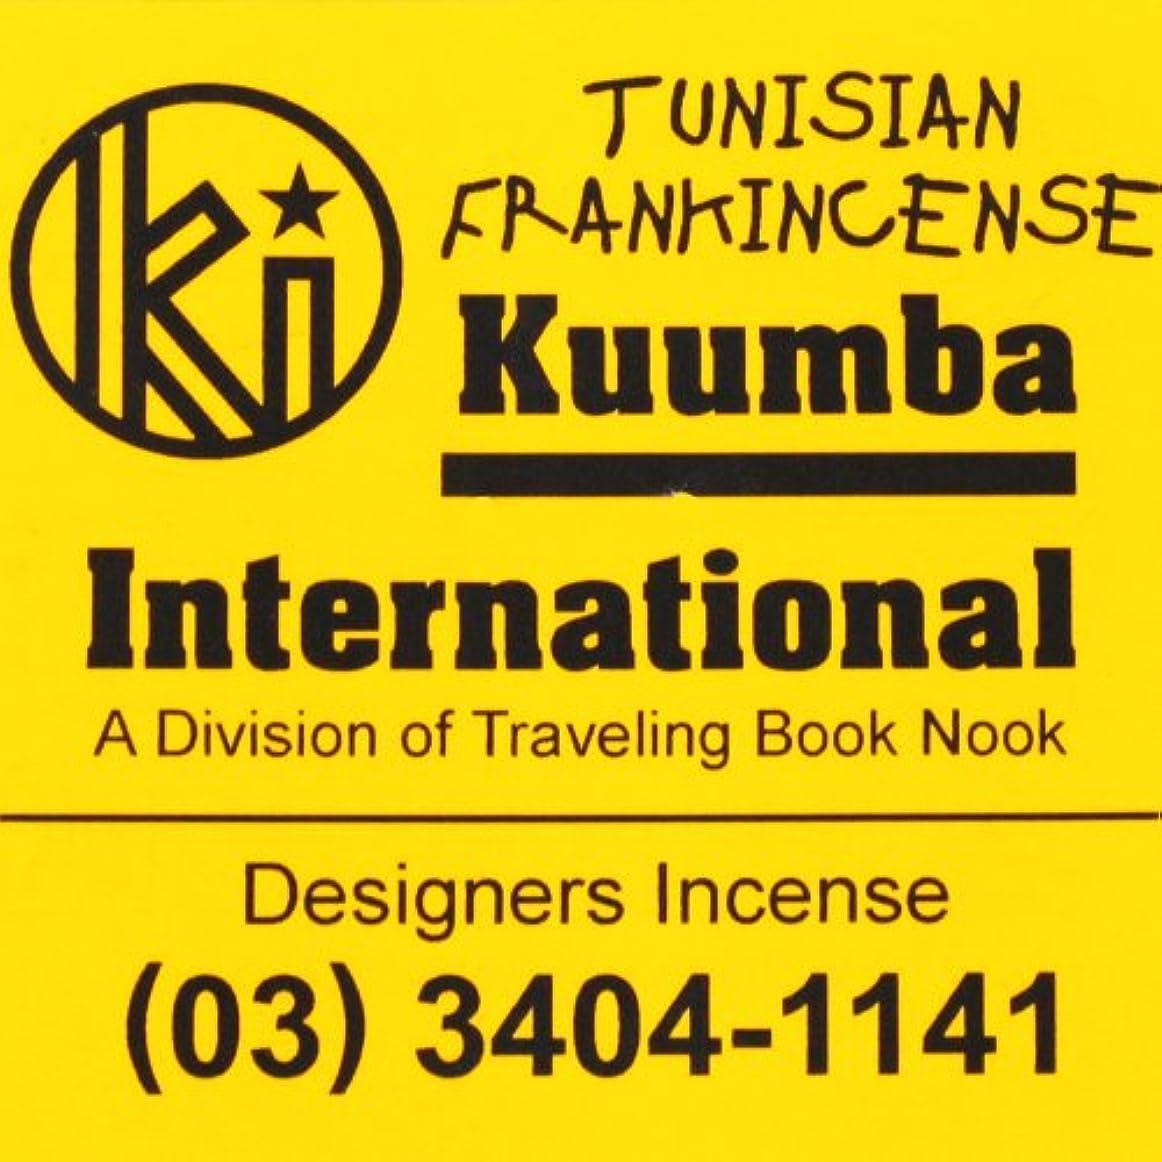 記憶書士ラテン(クンバ) KUUMBA『classic regular incense』(TUNISIAN FRANKINCENSE) (Regular size)